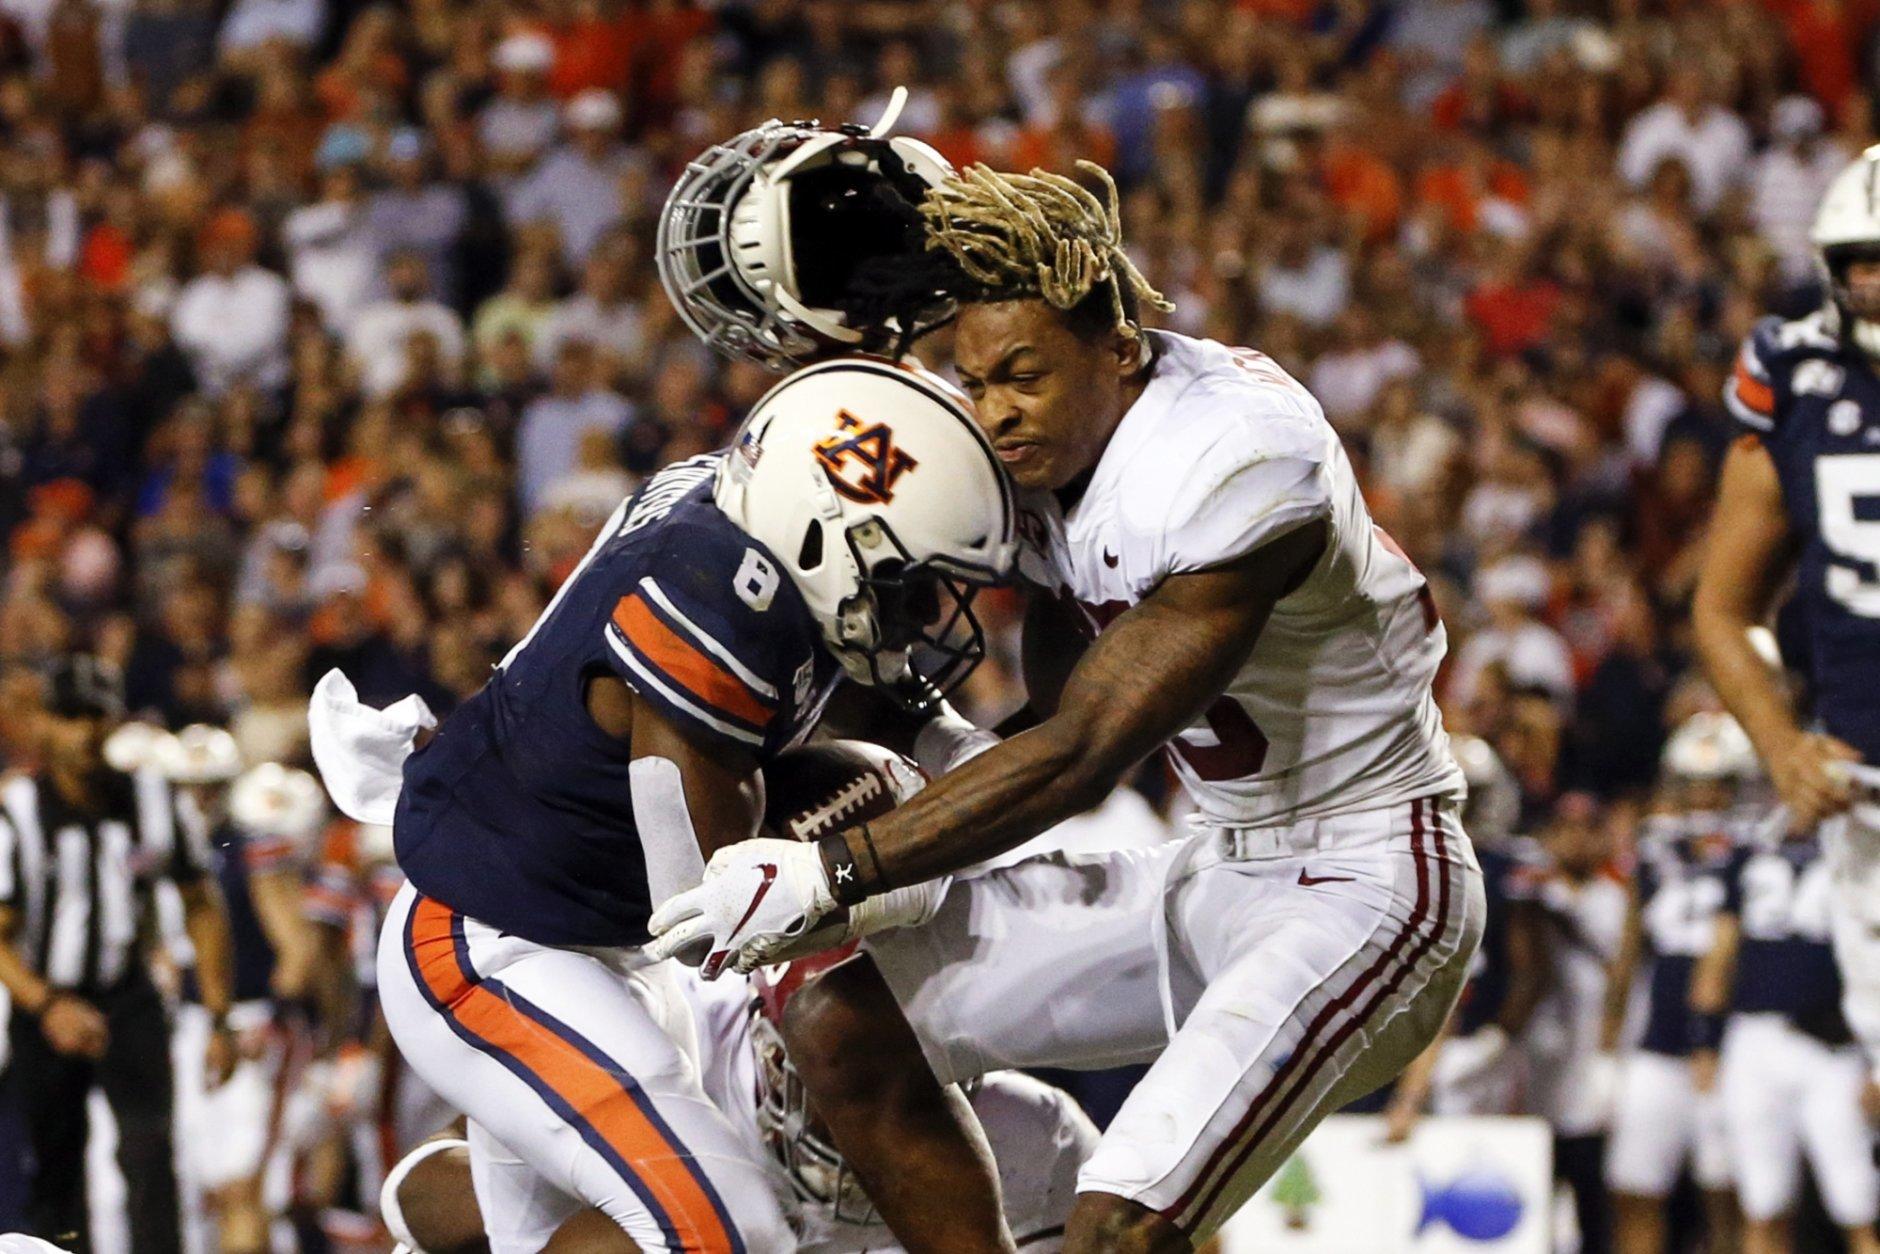 No. 16 Auburn upends No. 5 Alabama's playoff hopes, 48-45 ...